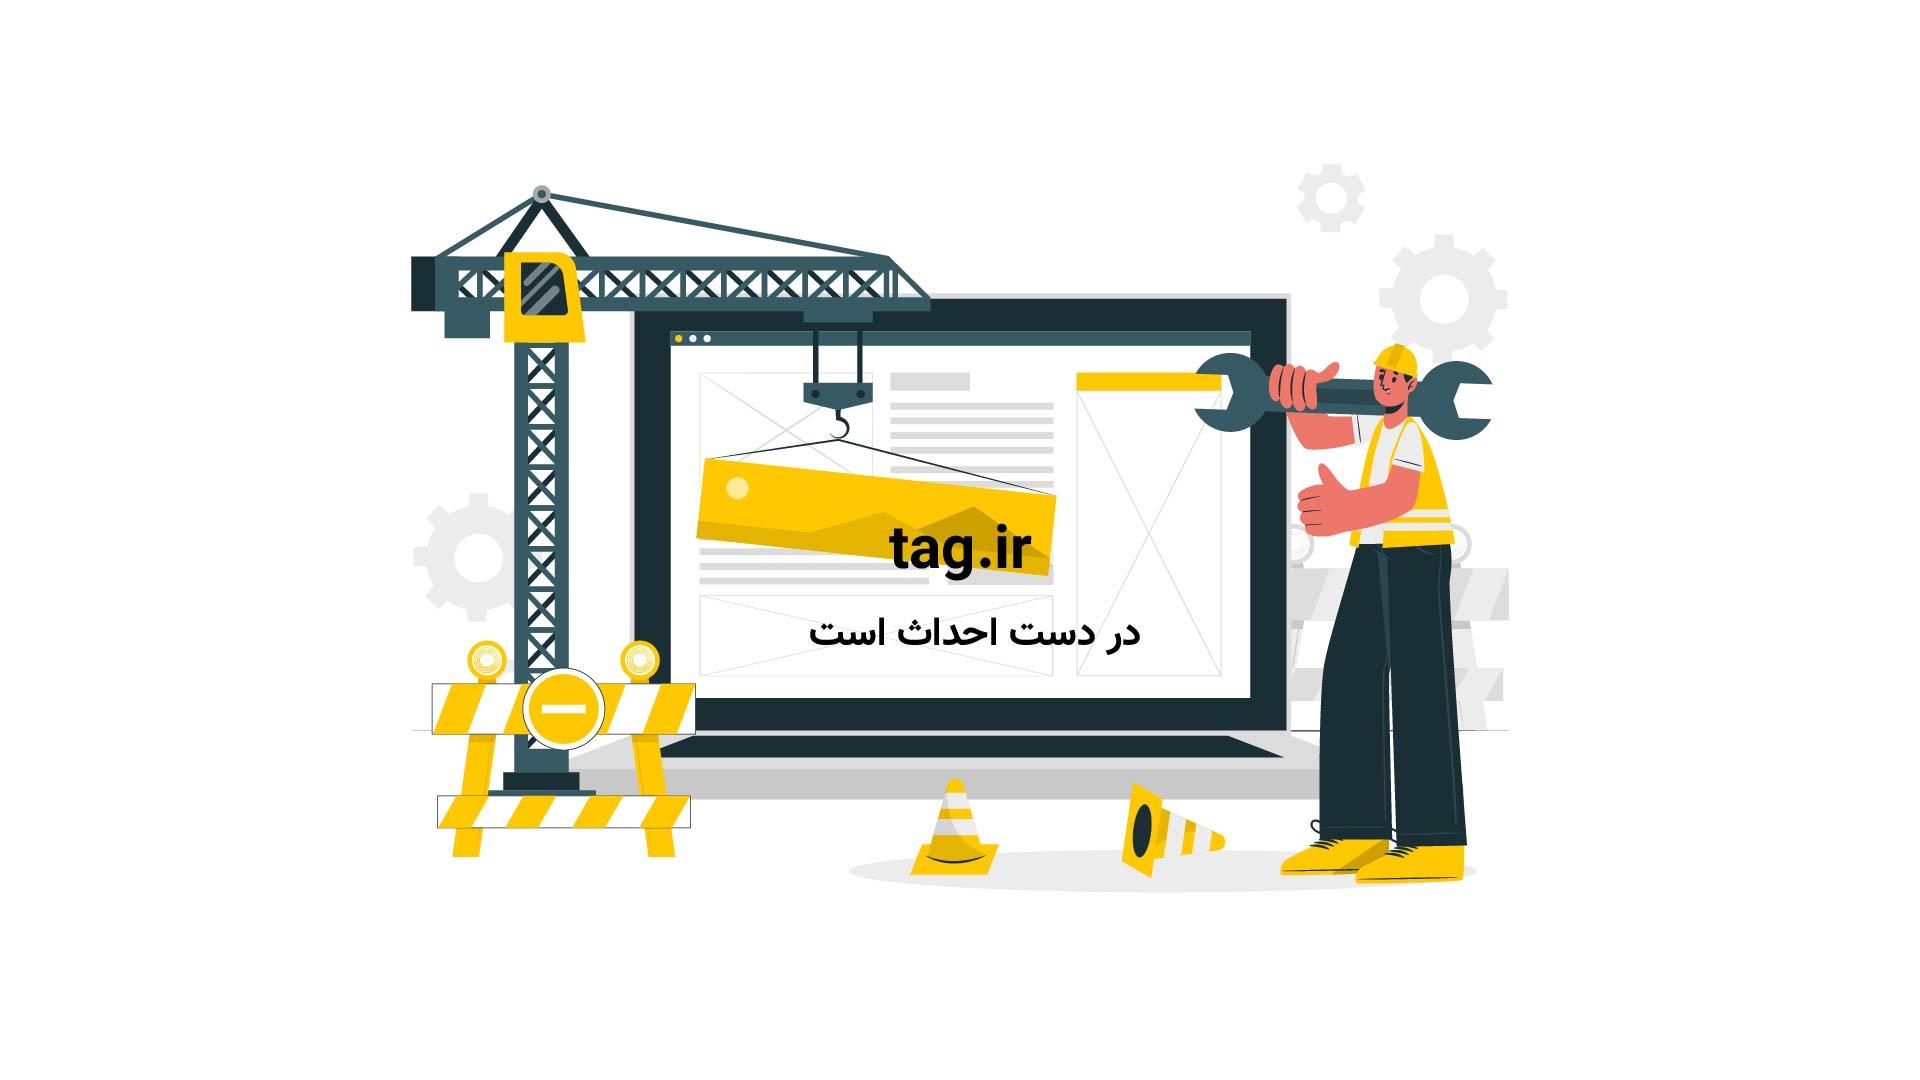 دولینگو؛ اپلیکیشن یادگیری زبان های خارجی برای گوشی های اندروید | فیلم